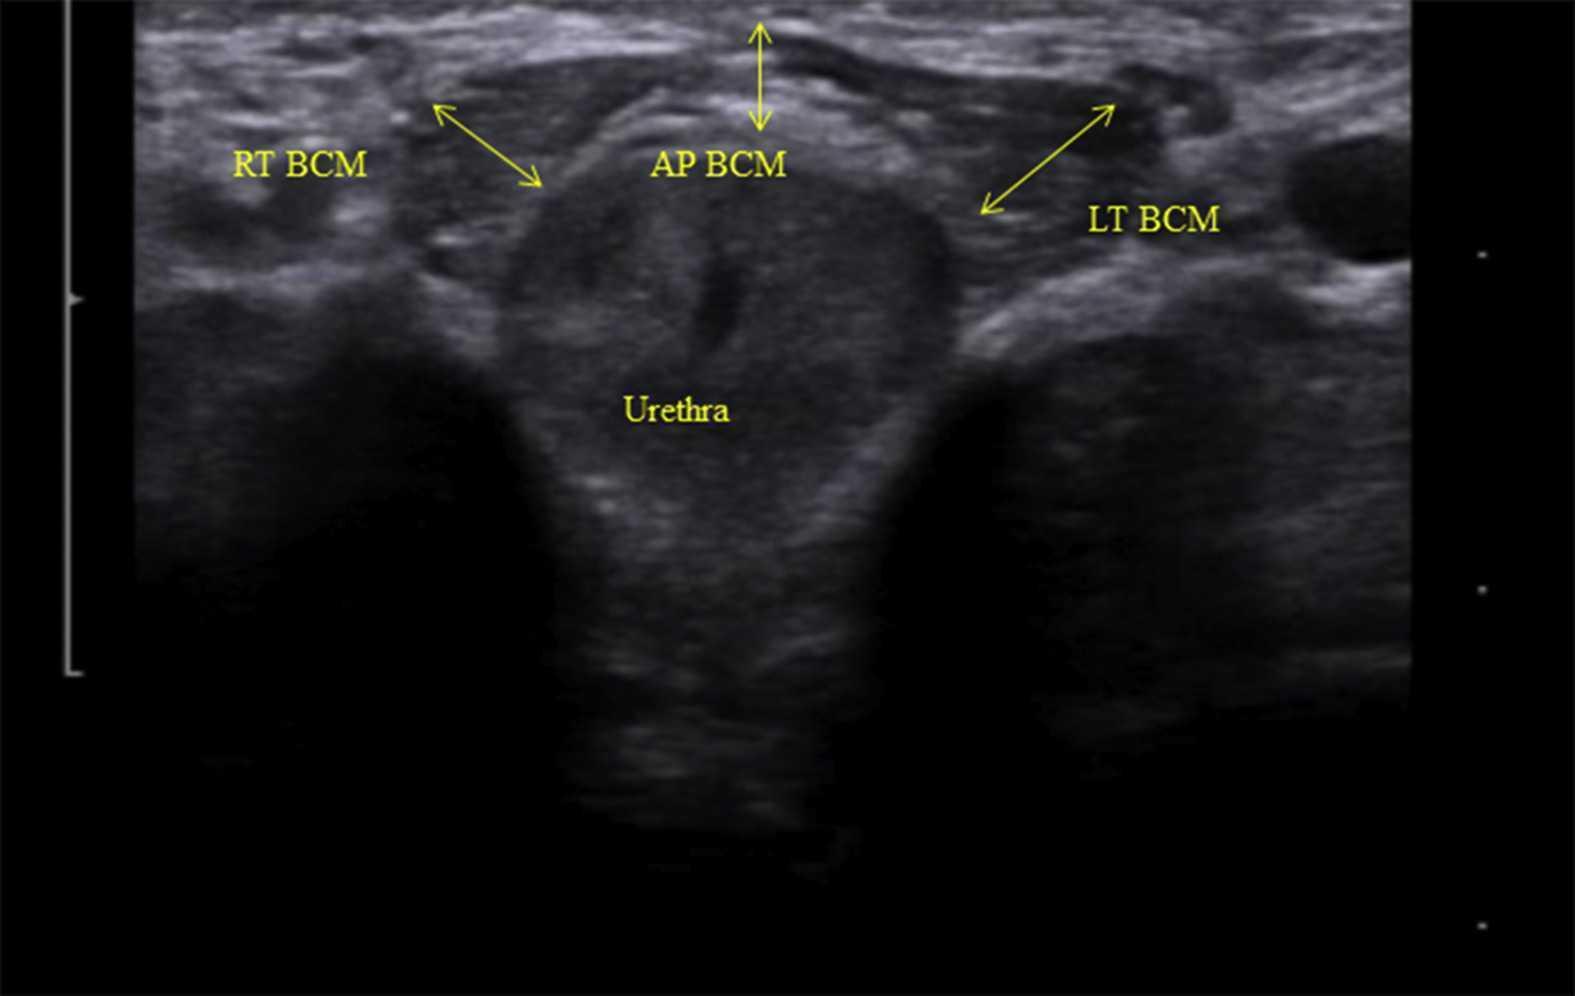 Rehabilitative Ultrasound Imaging for Men's Pelvic Health